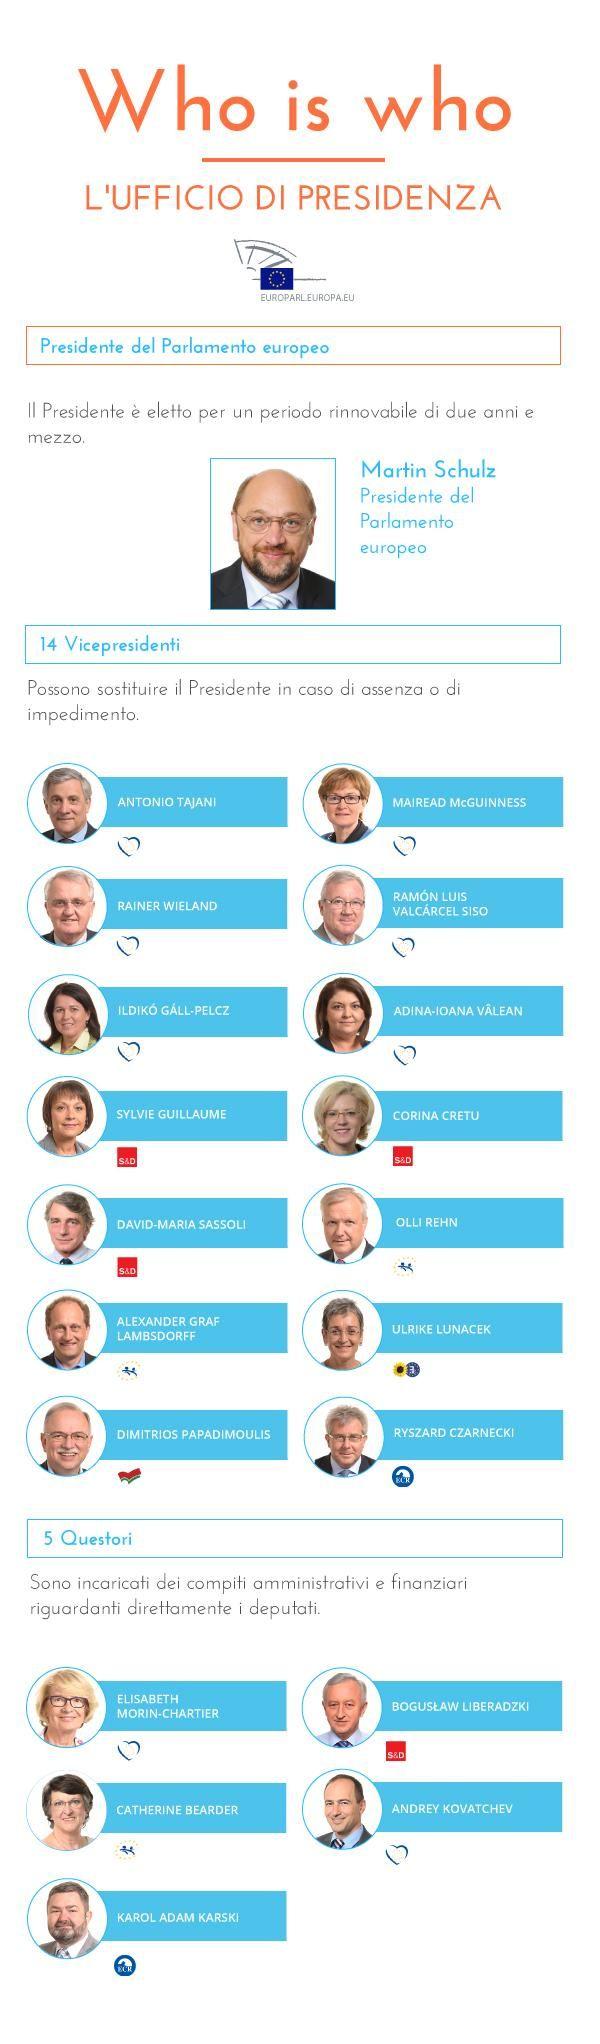 WHO's WHO - L'Ufficio di Presidenza